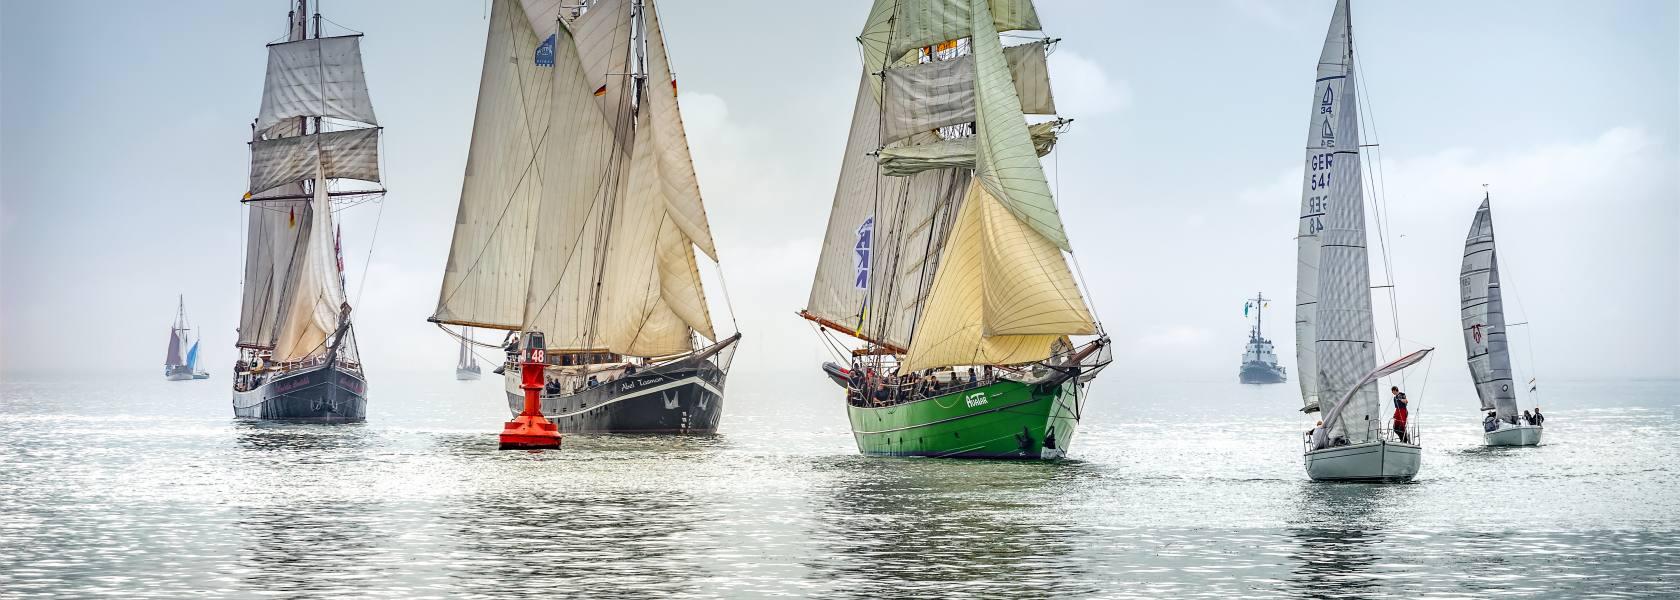 Sailing Cup Regatta, © Ganske, Wilhelmshaven Touristik